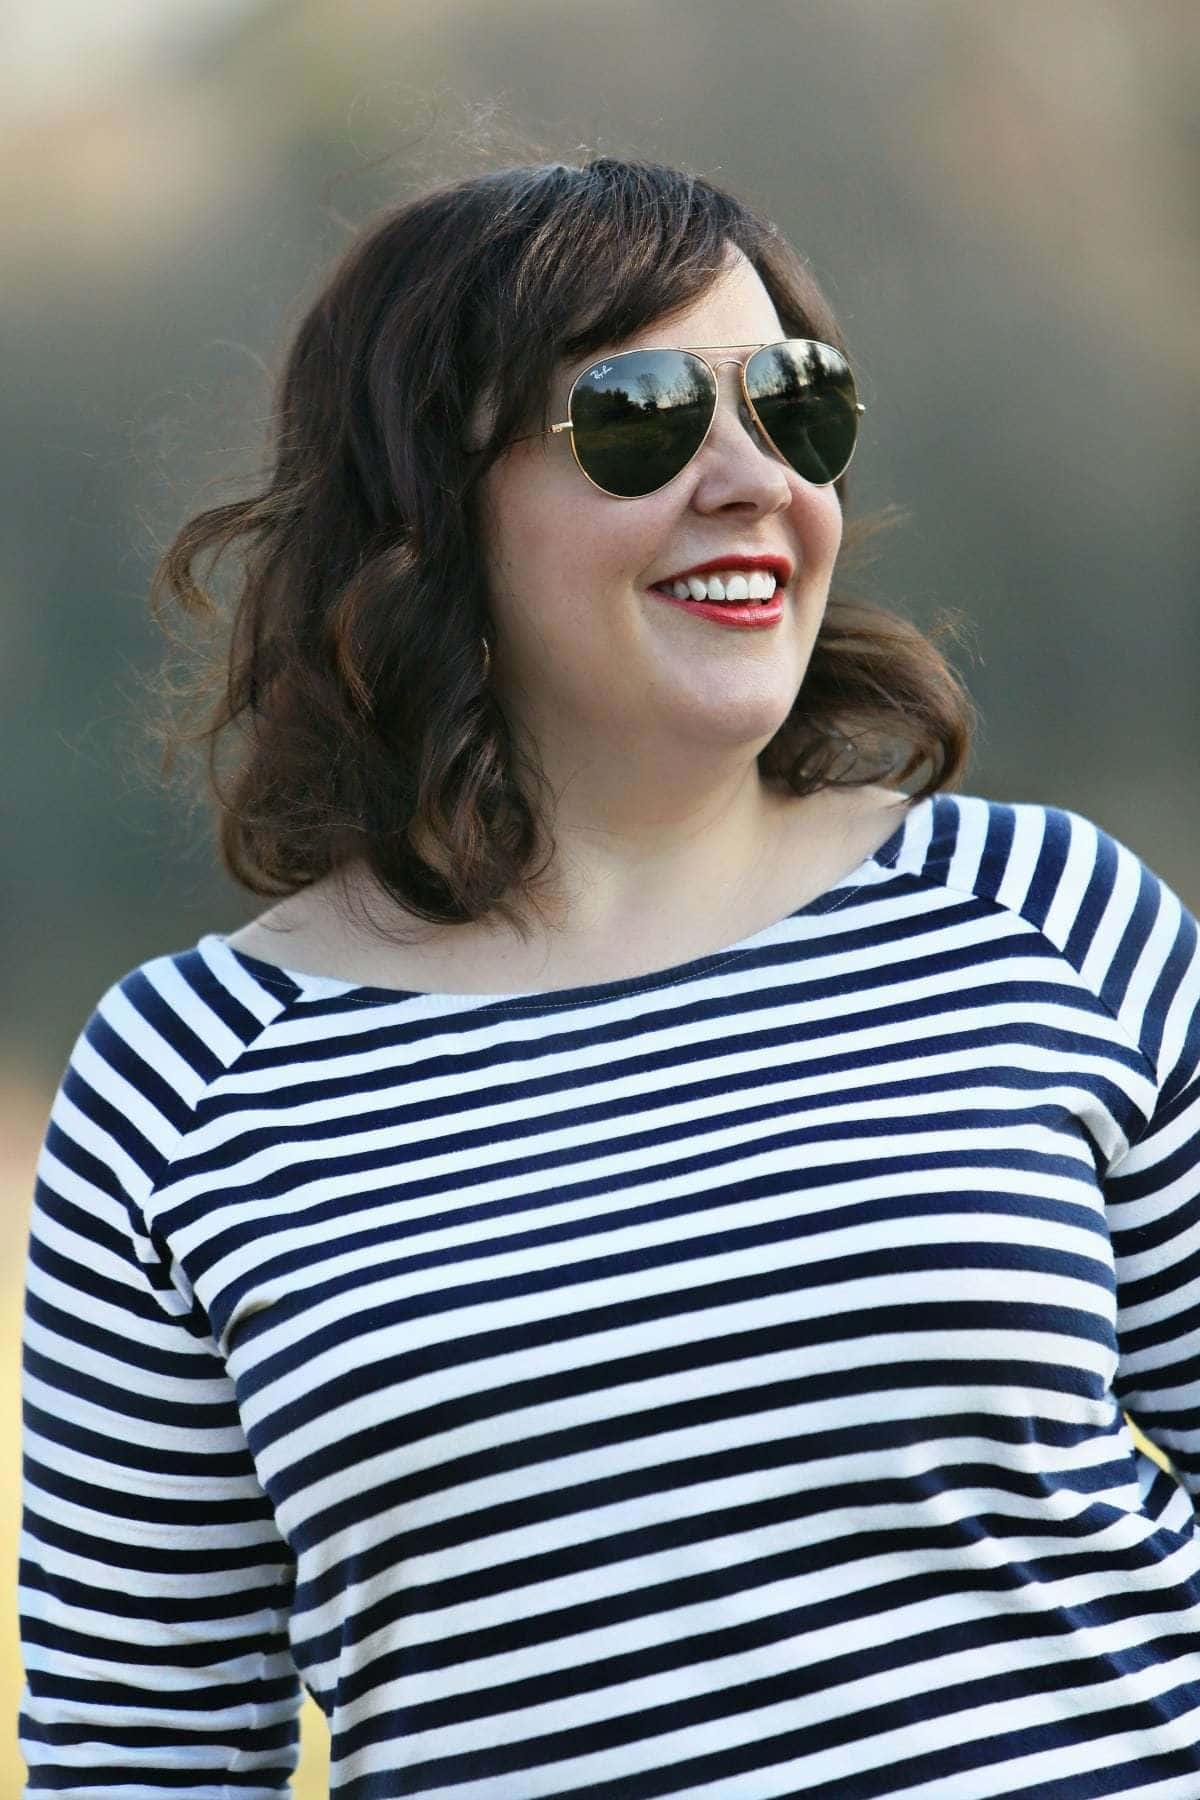 ellow stripe shirt